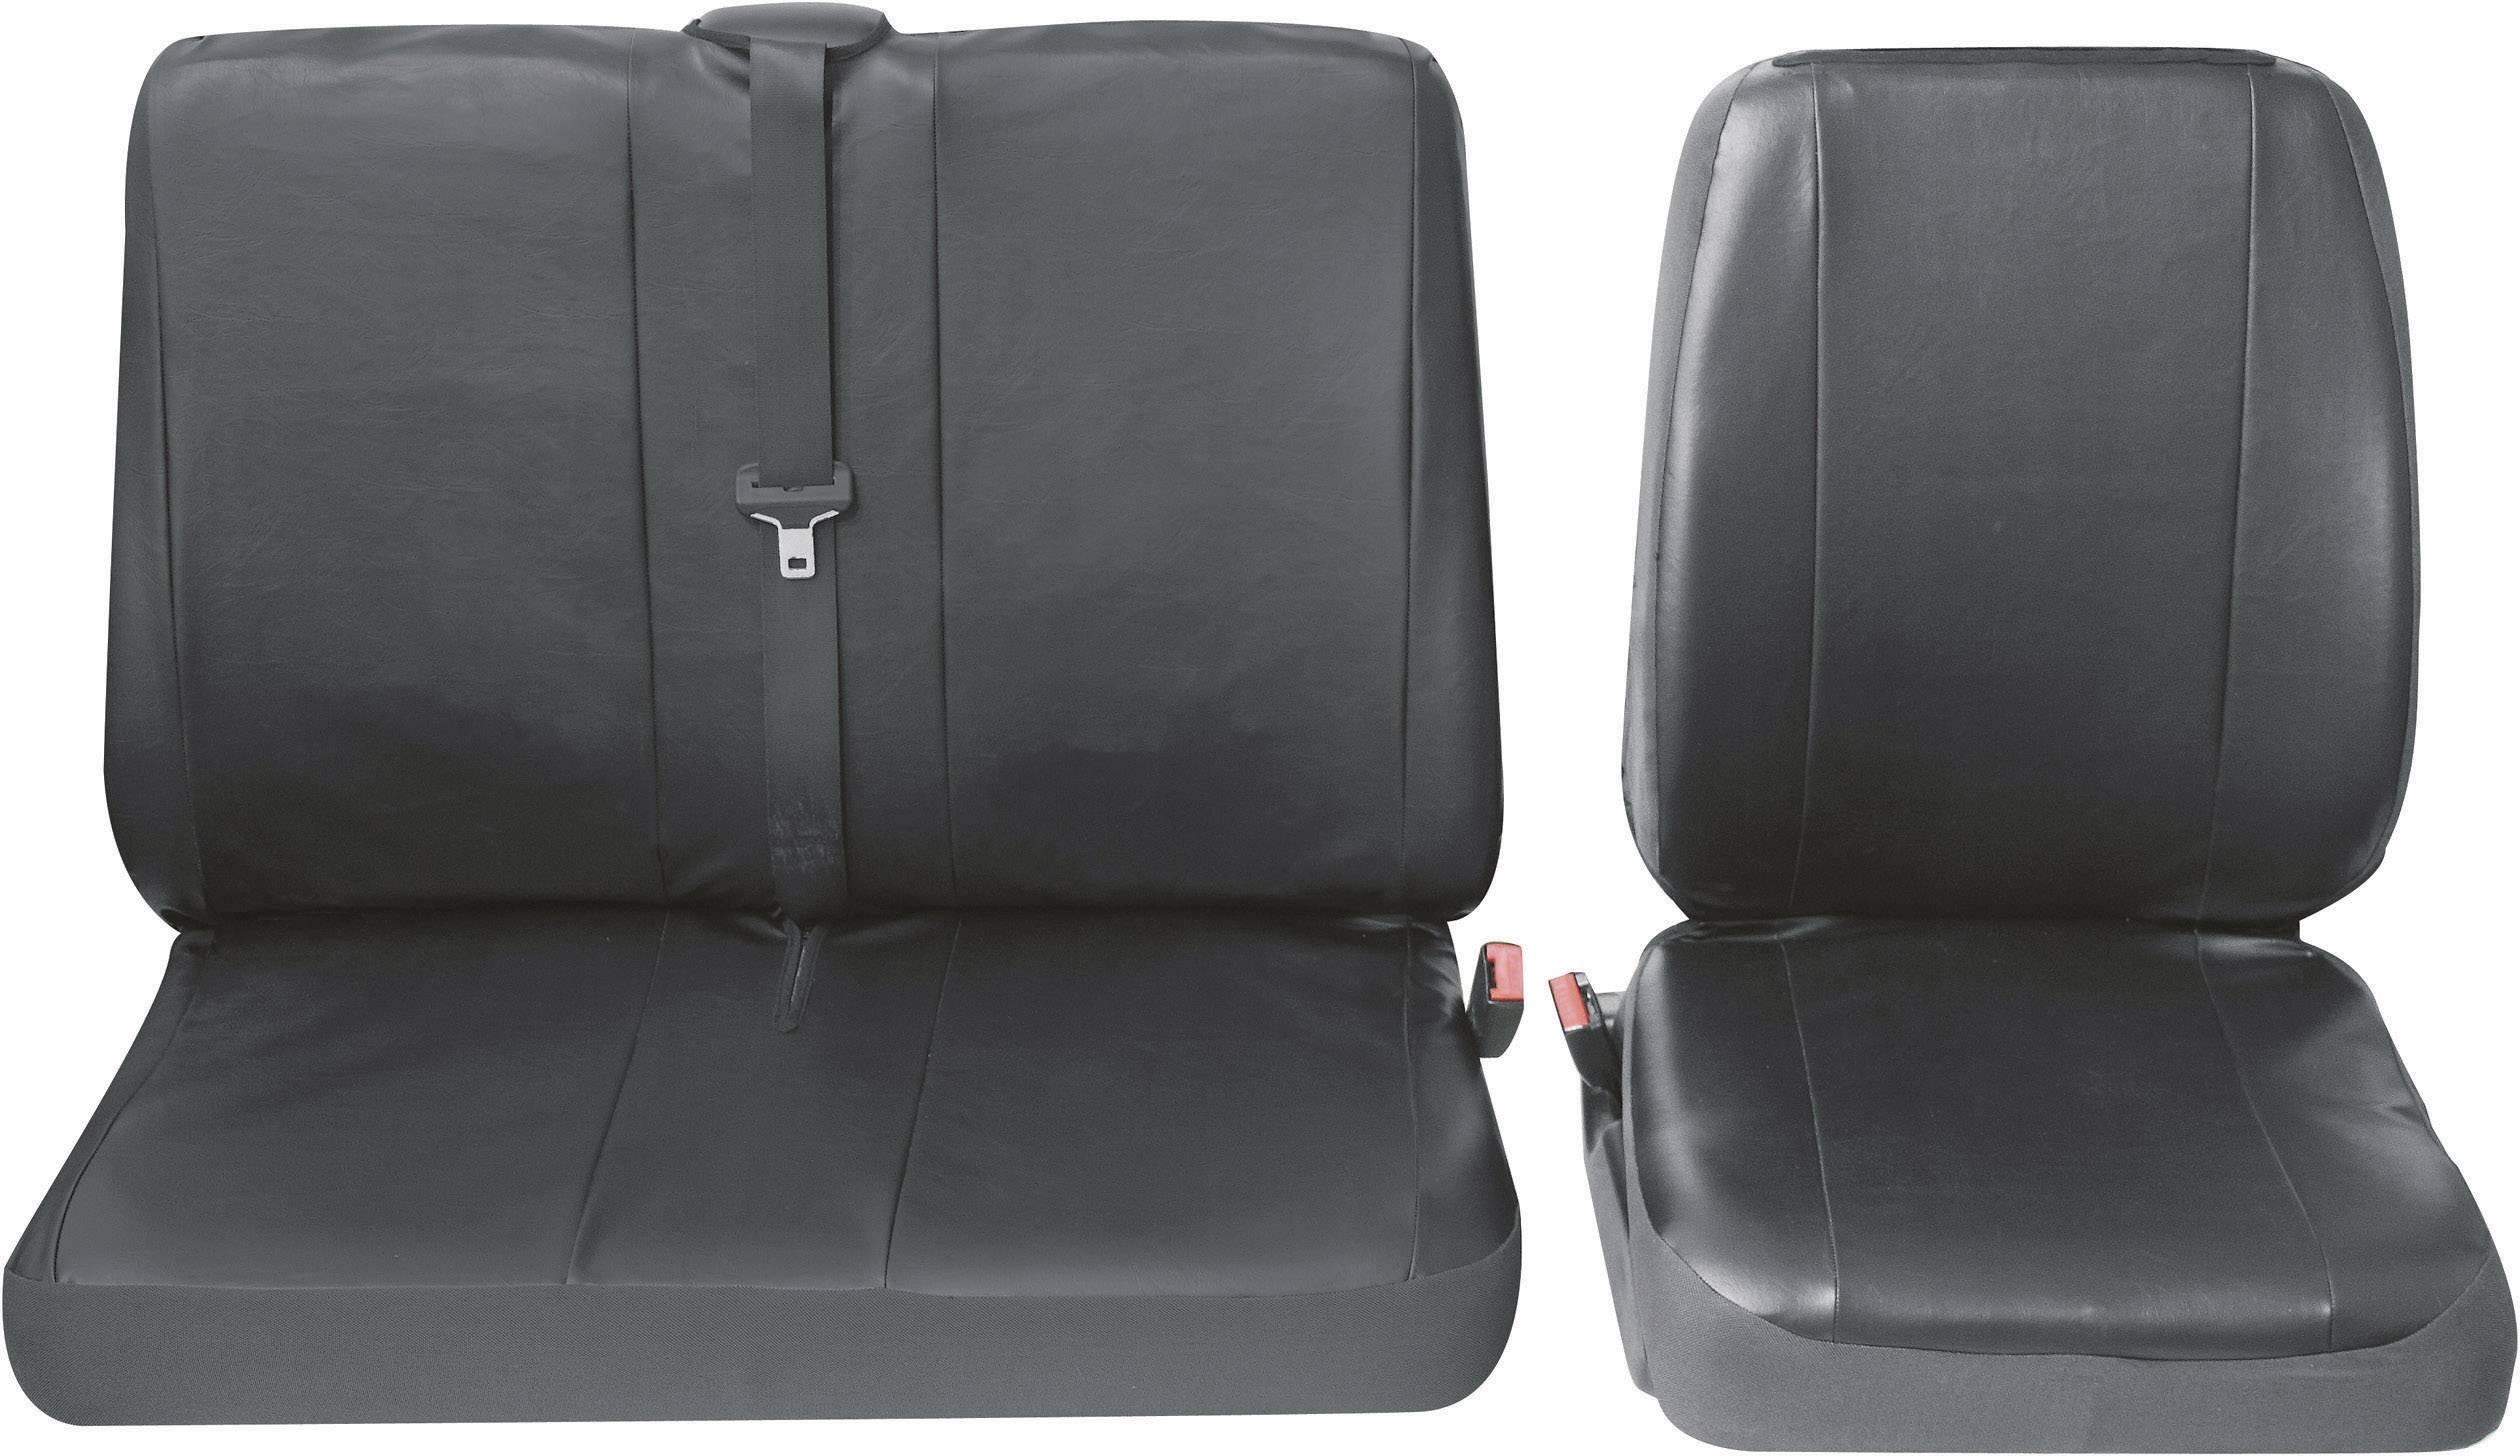 Autopoťahy Petex Profi 4 30071904, 4-dielna, umelá koža, čierna